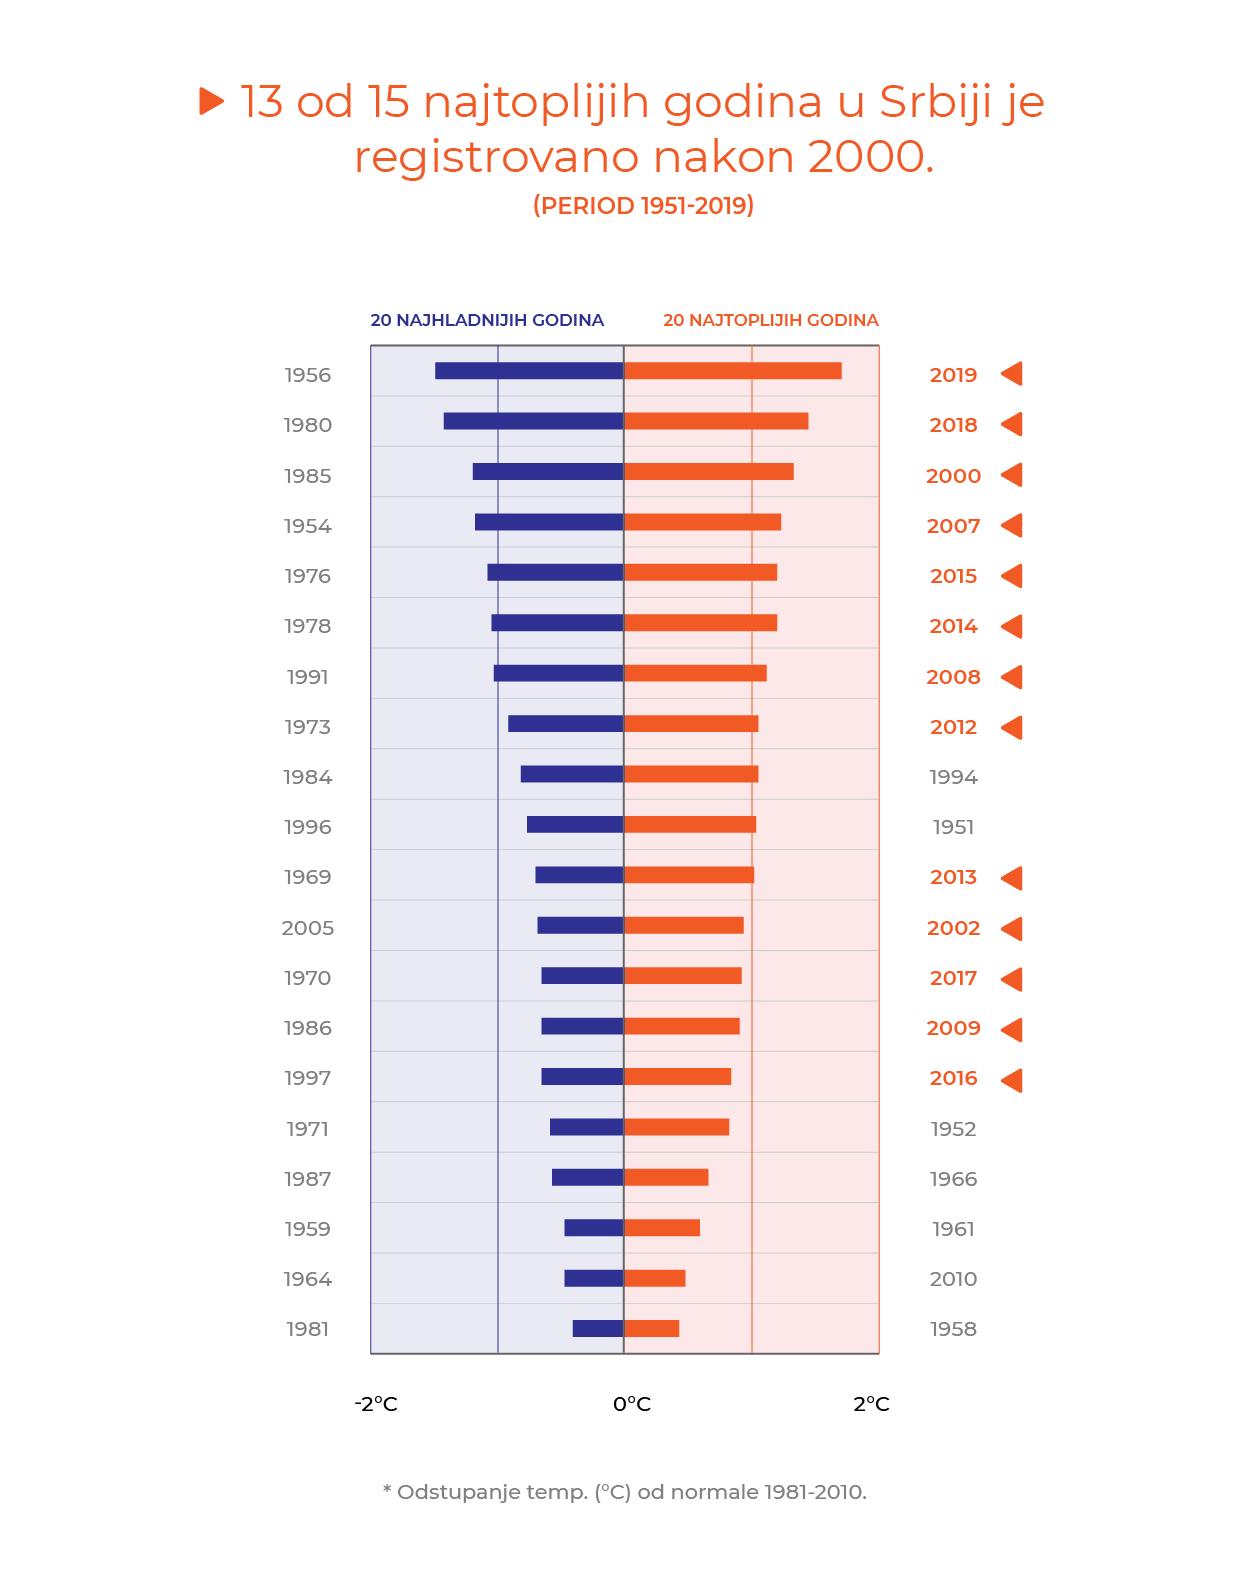 In Serbia 13 dei 15 anni più caldi si sono verificati dopo il 2000